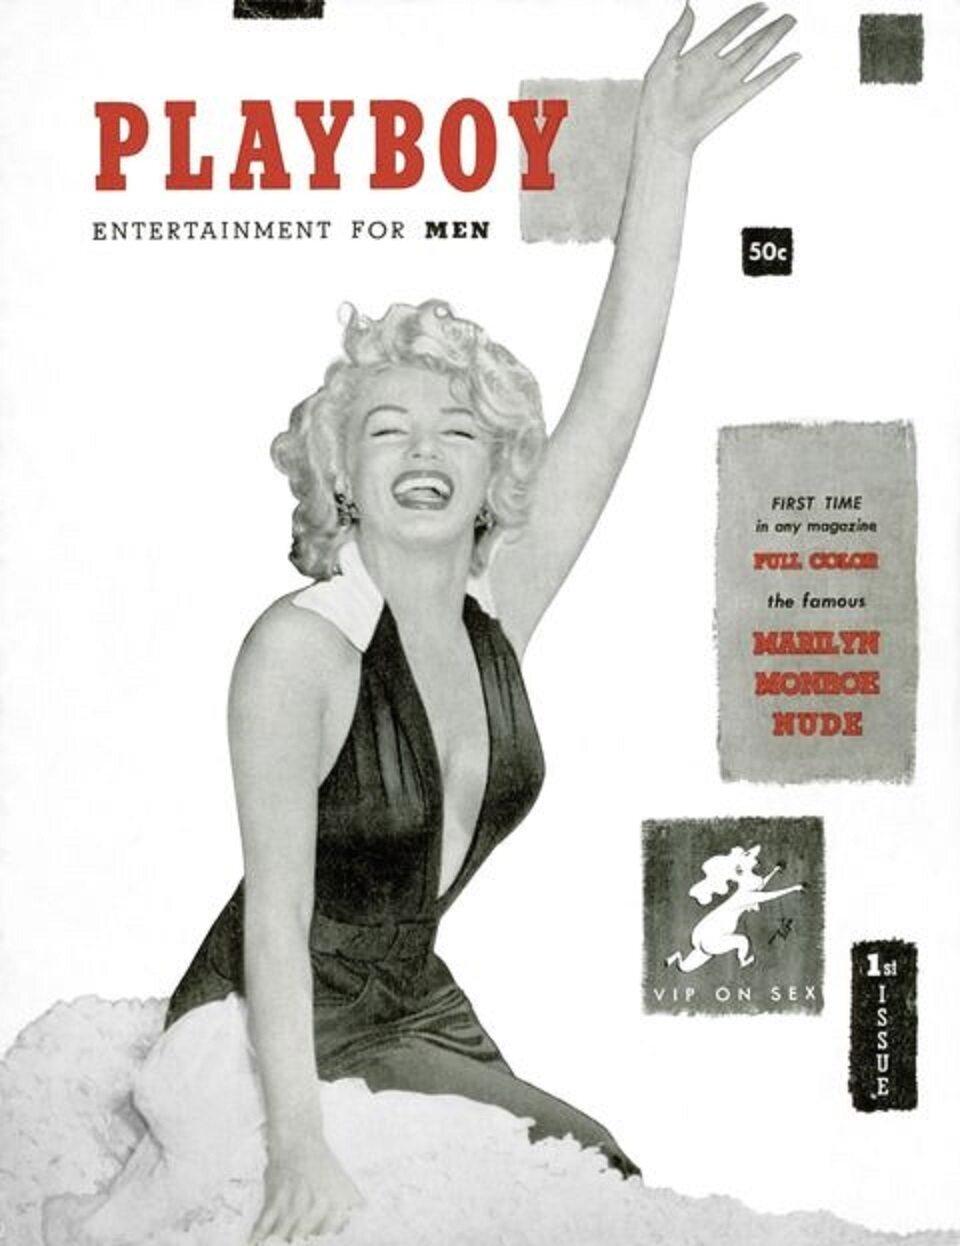 """Pierwsza okładka """"Playboya"""" z grudnia 1953 roku Okładkę ze zdjęciem Marilyn Monroe miał zaprojektować sam Hugh Hefner w kuchni swojego mieszkania w Chicago. Sprzedano ponad 51 tysiące jego kopii."""